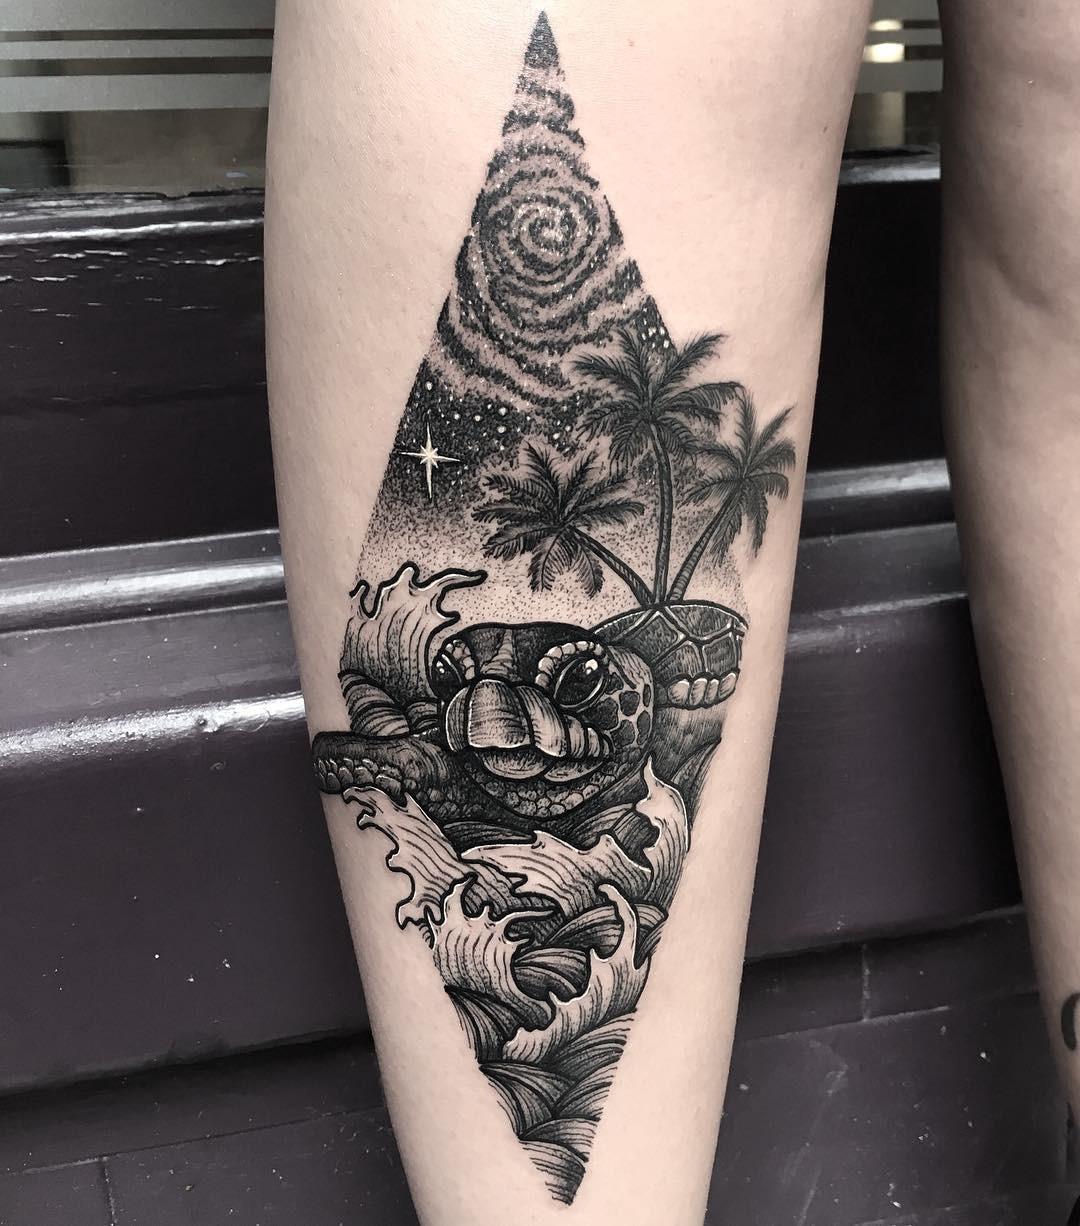 Татуировка гавайской черепахи на ноге